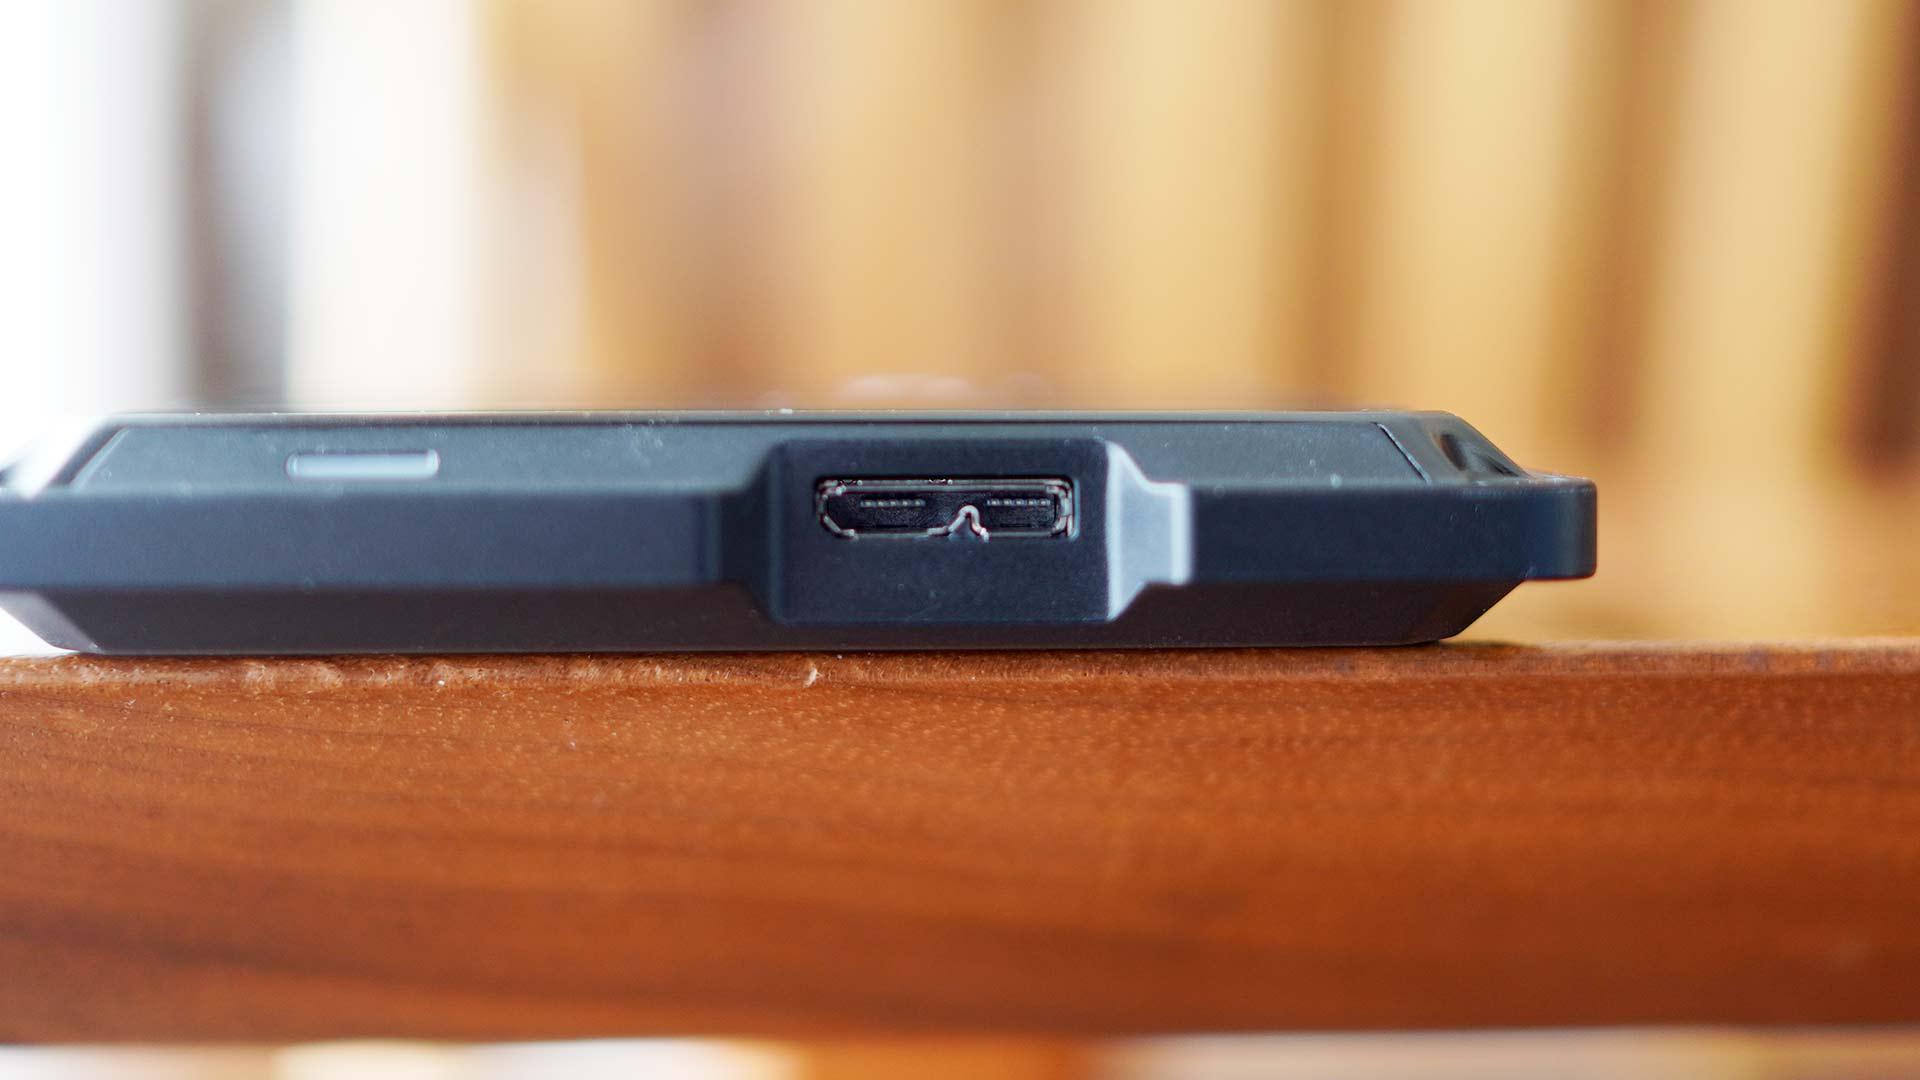 ウエスタンデジタル,WD,HDD,外付け,安定,高速,コスパ,格好いい,USB-B